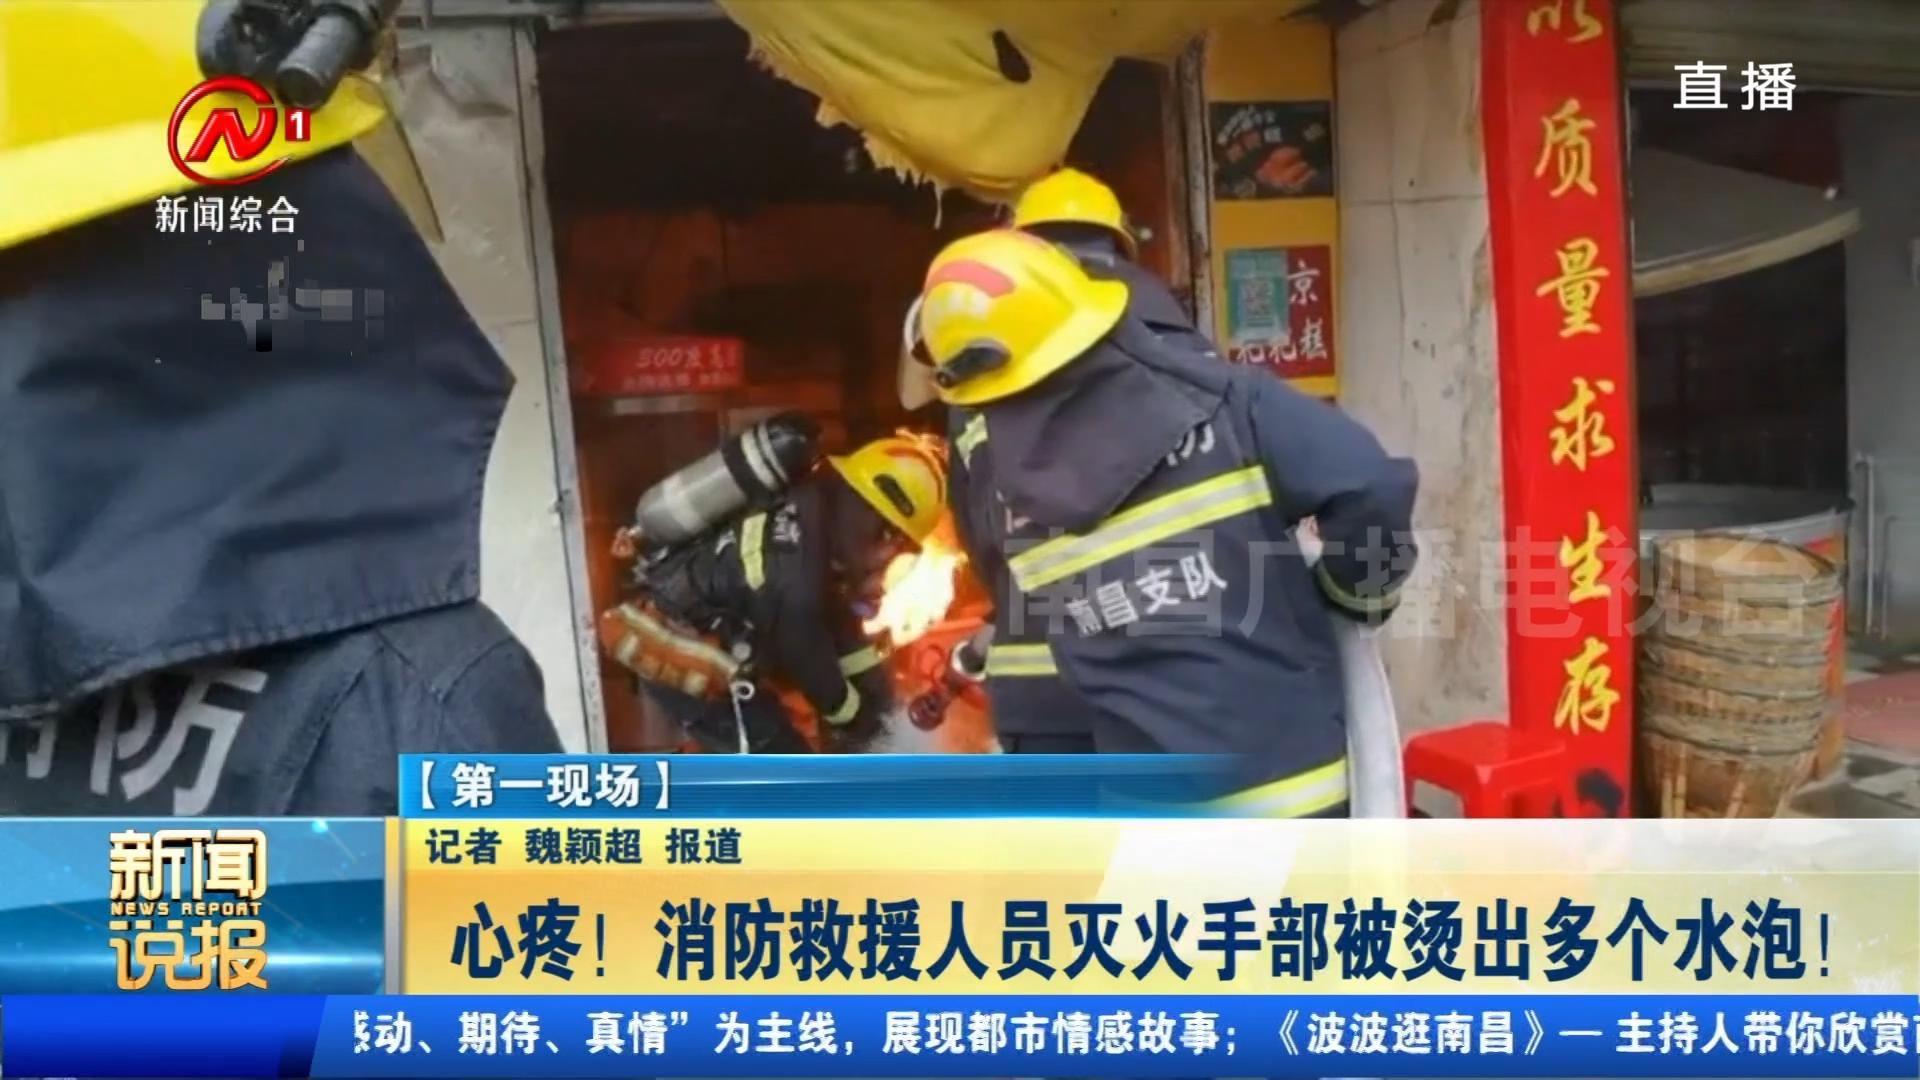 心疼! 消防救援人员灭火手部被烫出多个水泡!